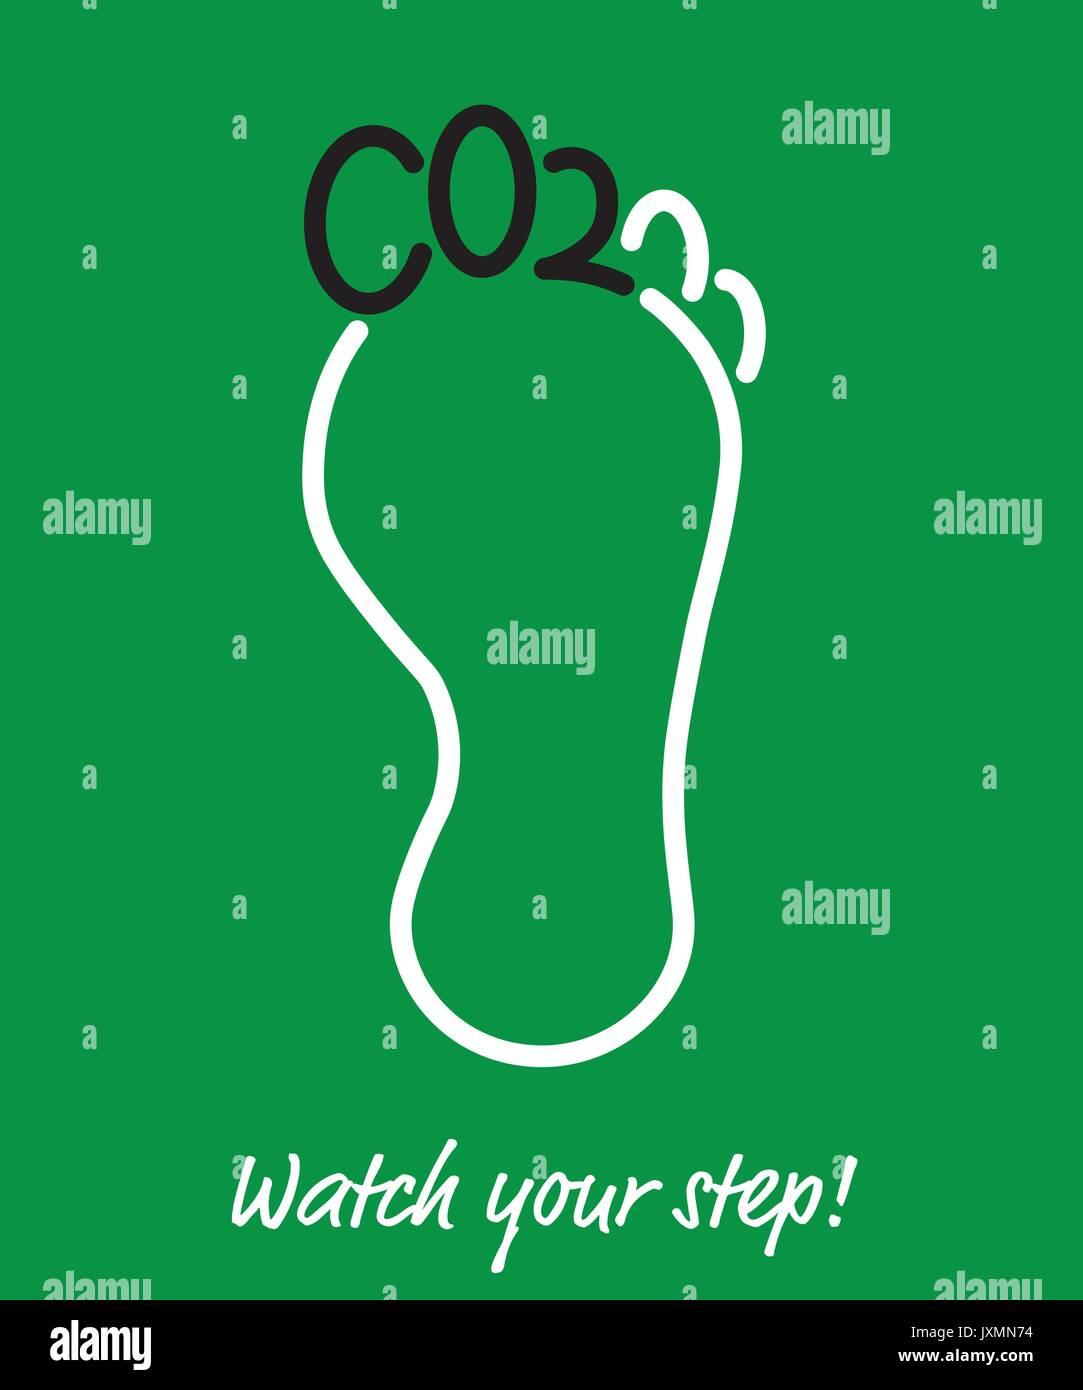 L'affiche de l'empreinte carbone, les doigts de pied en forme de lettres, CO2 Dioxyde de carbone à court terme pour Photo Stock